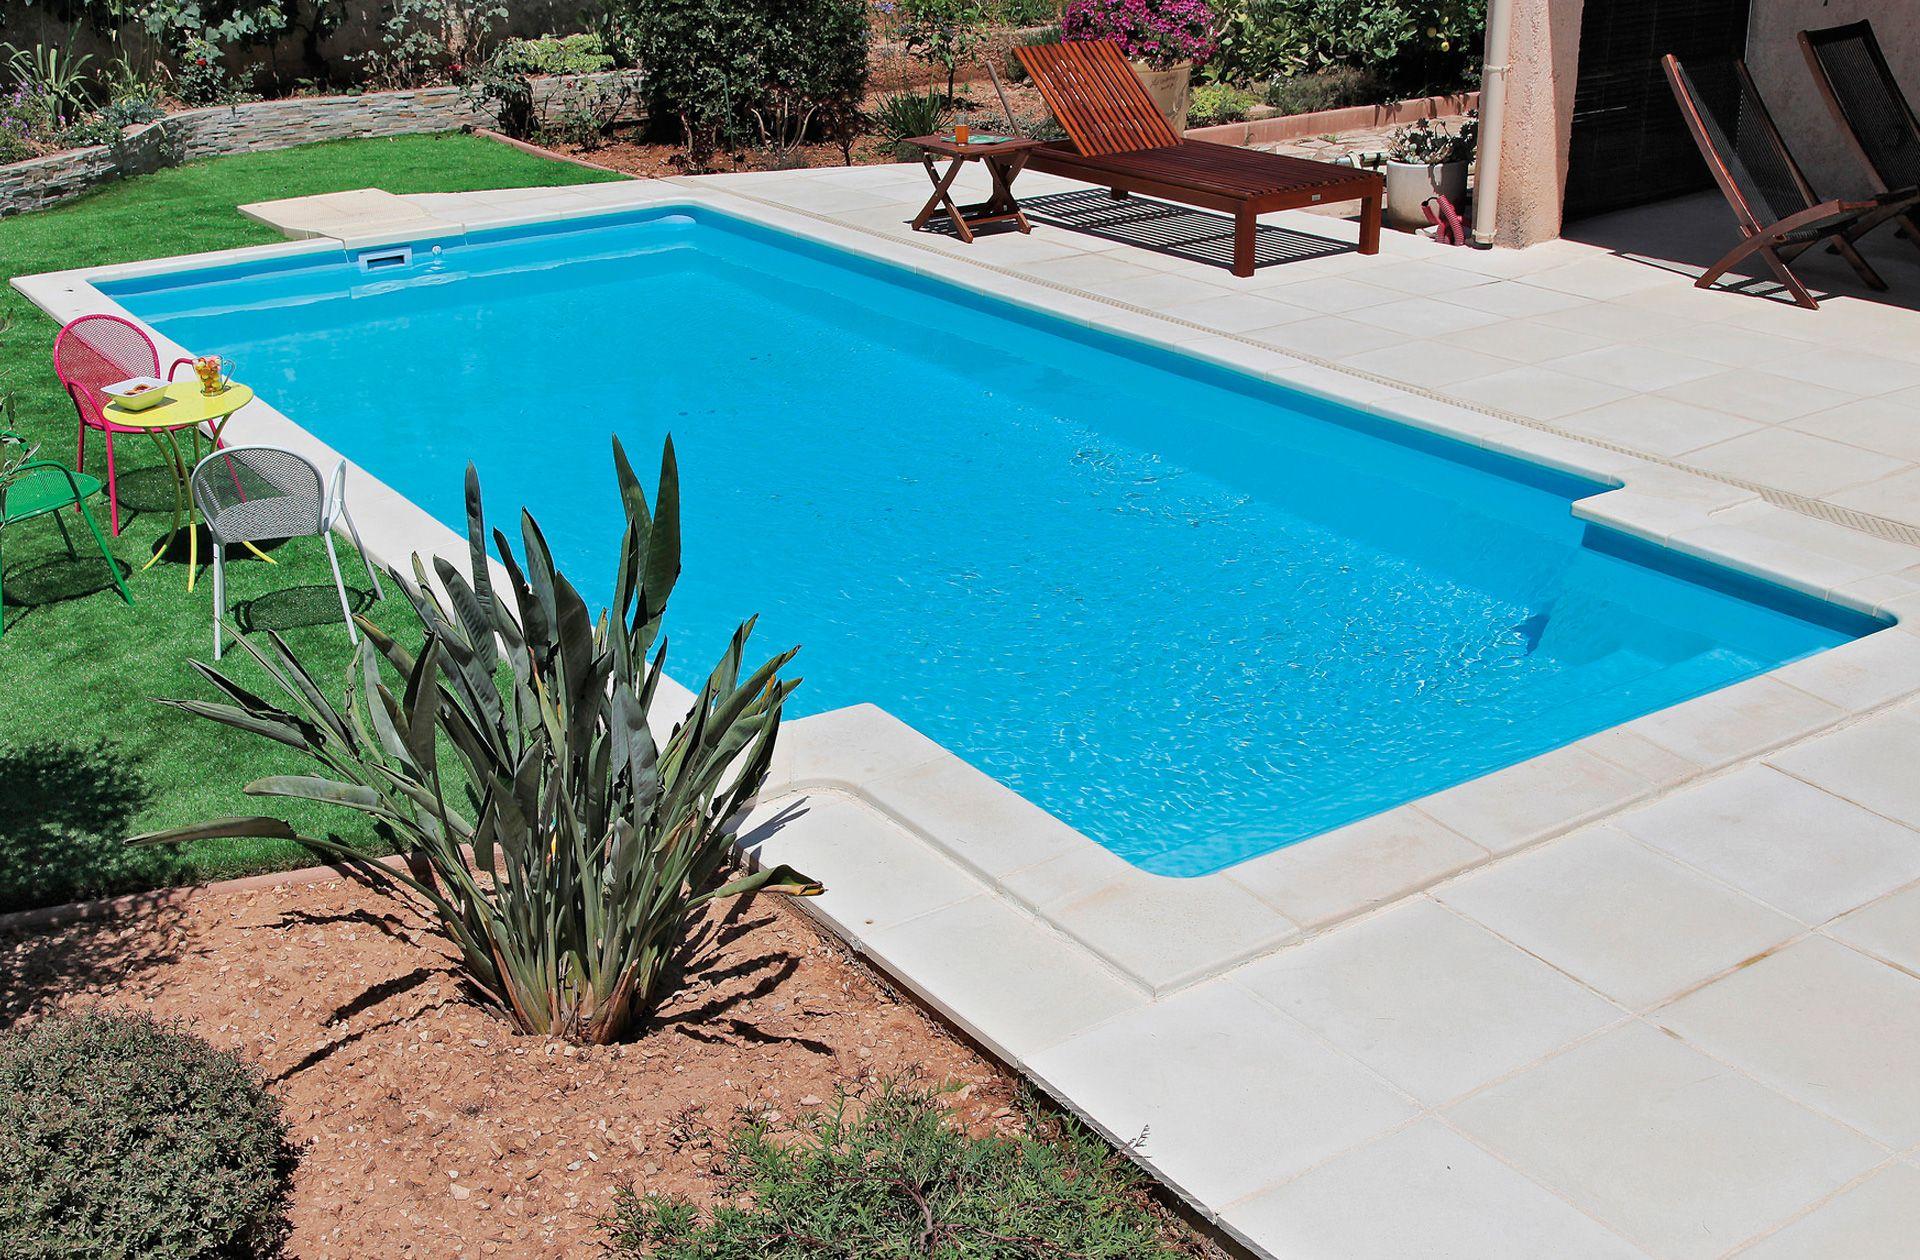 Pool Bildgalerie Swimmingpool Referenzen Desjoyaux Pools Pool Garten Im Bauen Pools Selber Schwimmbecken Swimmingpool Mini Desj In 2020 Outdoor Outdoor Decor Pool